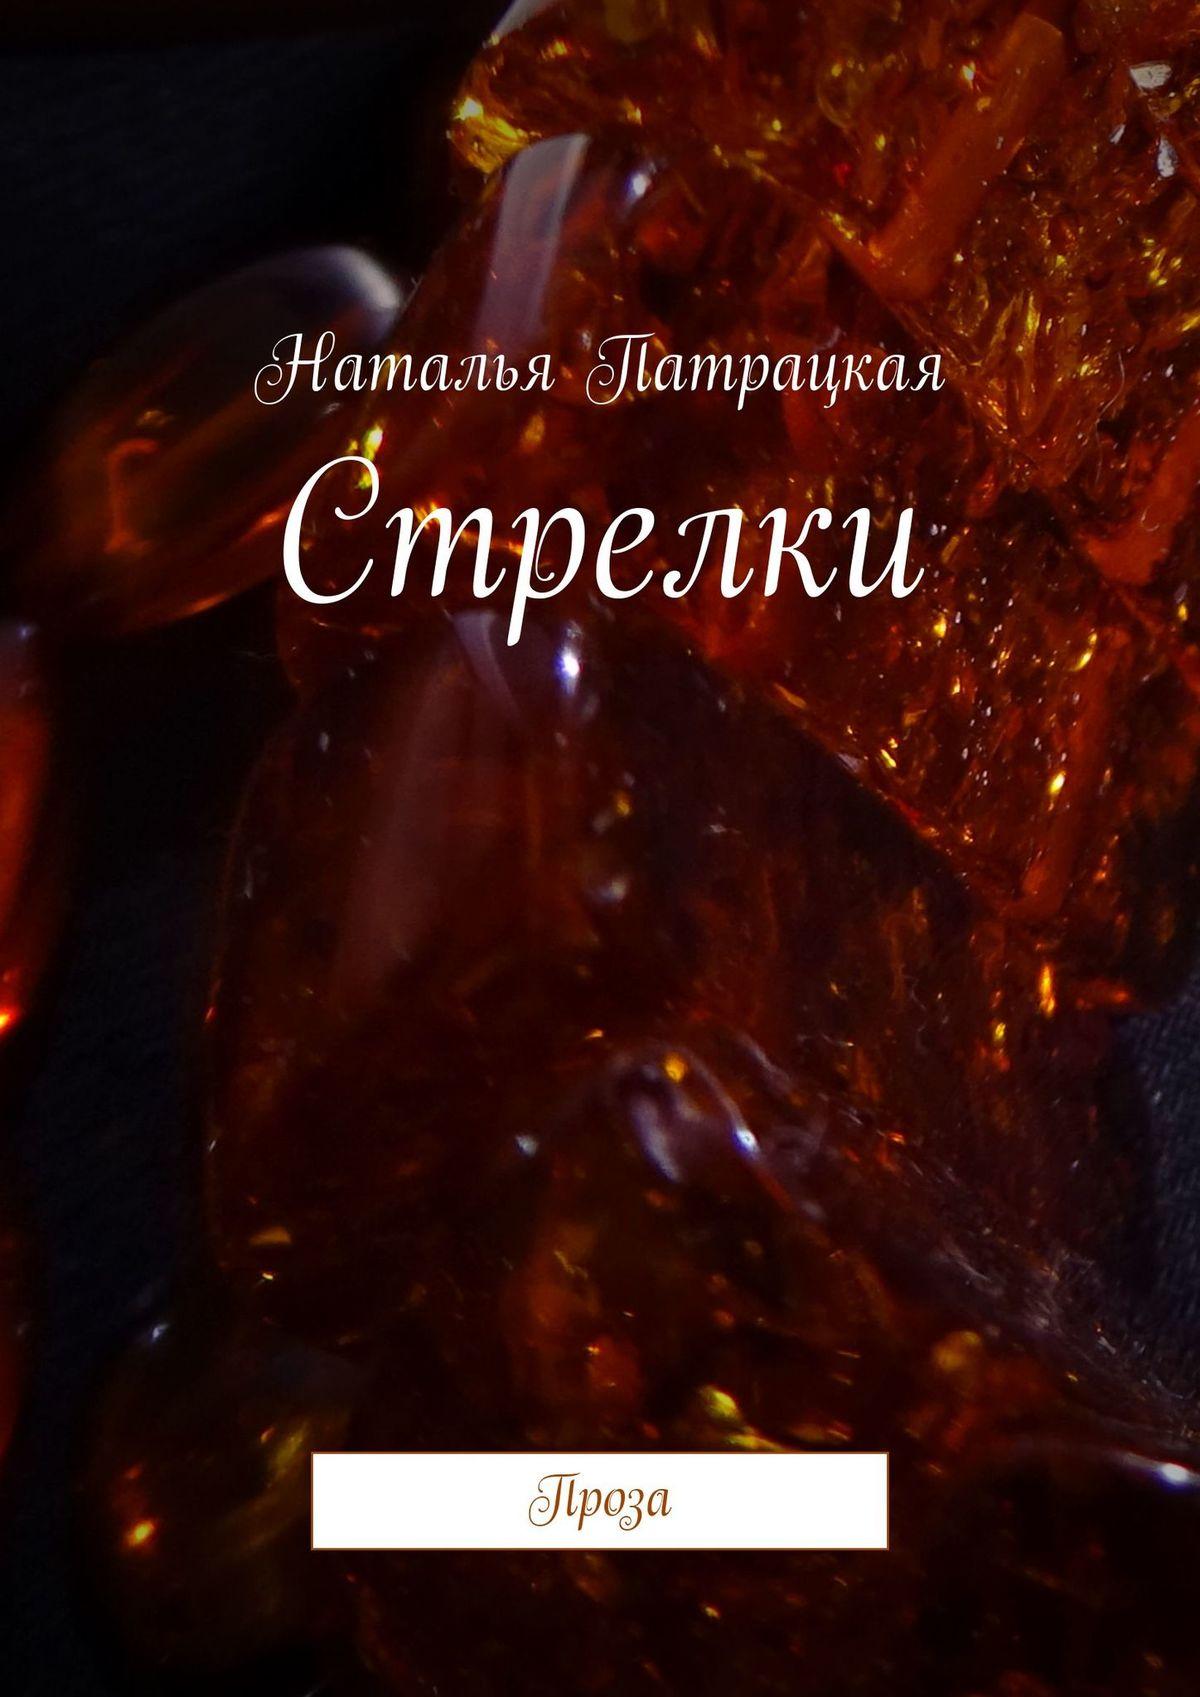 Наталья Патрацкая Стрелки. Проза наталья патрацкая алмазные грани проза